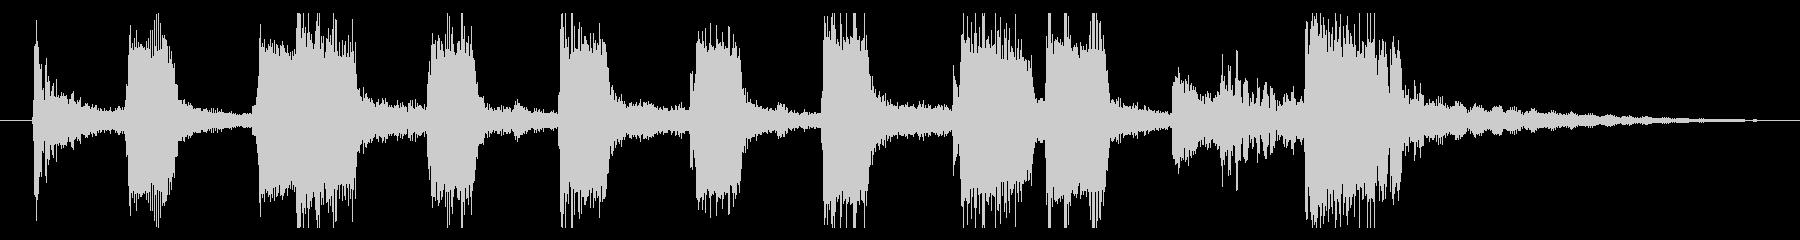 トランペットとトロンボーンのアイキャッチの未再生の波形